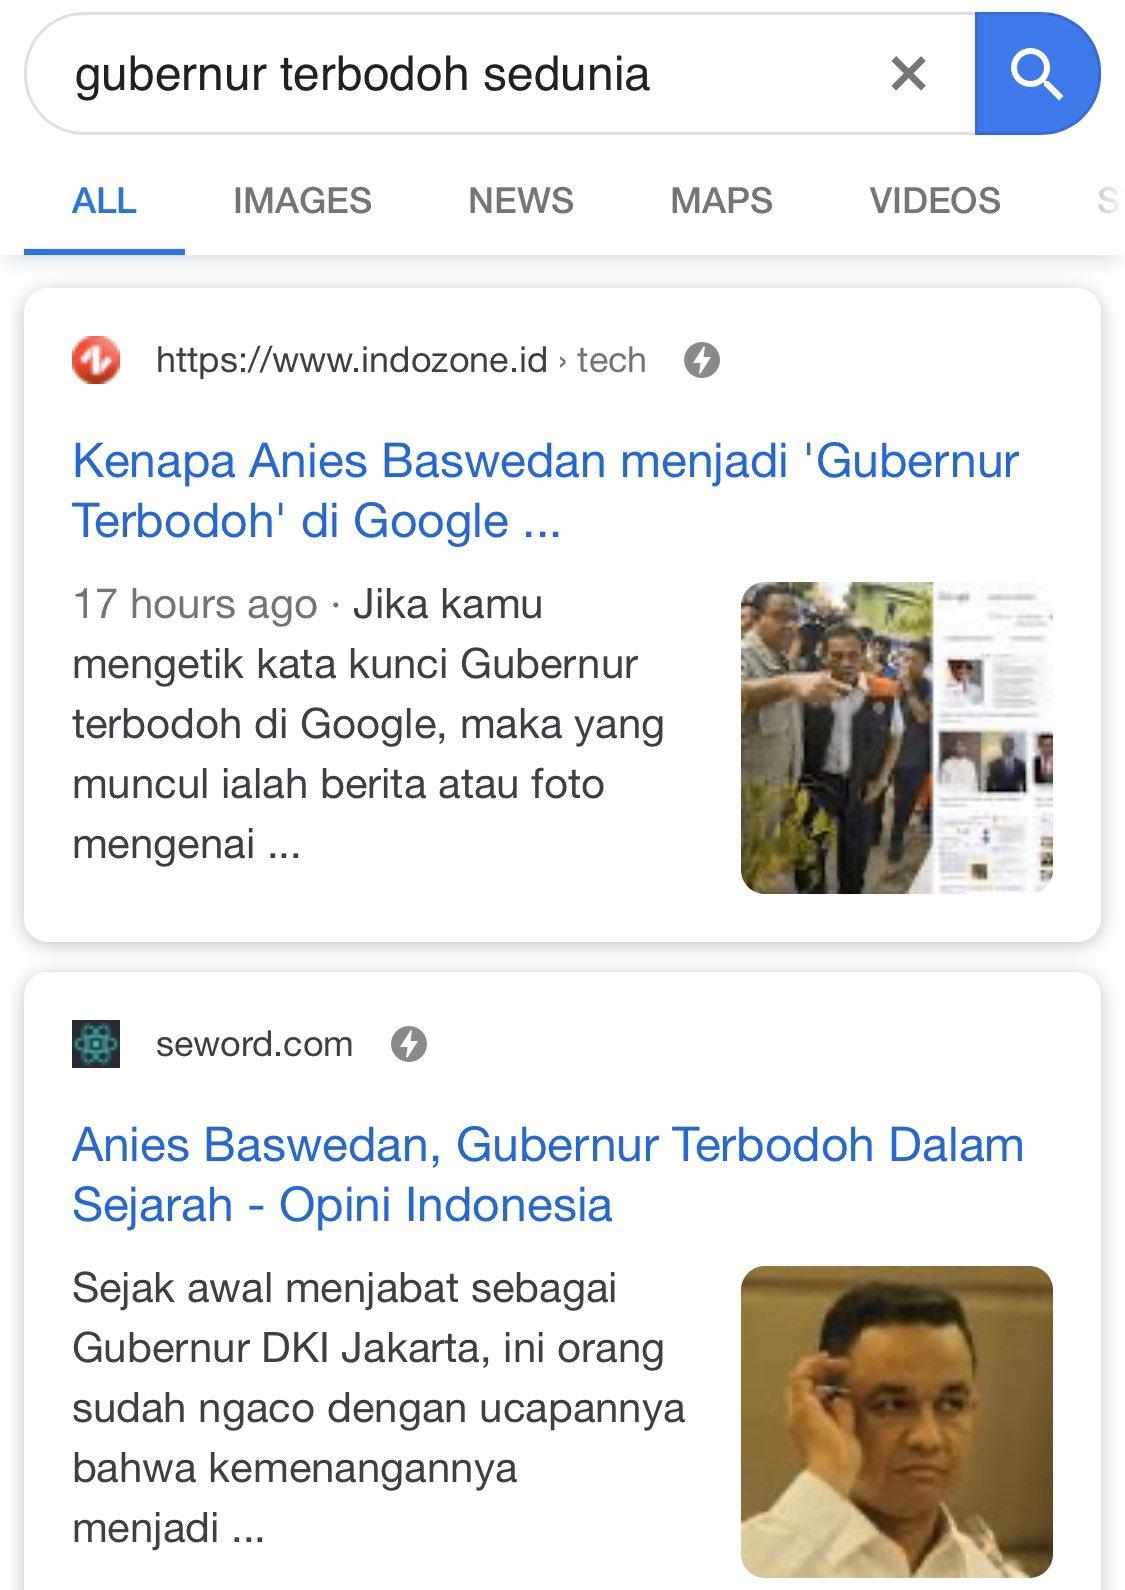 Gubernur Terbodoh Dalam Sejarah : gubernur, terbodoh, dalam, sejarah, Brajamusti, Twitter:, Indonesia, Juga., Prestasi, 'Gubernur, Terbodoh, Sedunia', Google, 🙈😱🤭60, Meninggal, Dunia, Banjir, Jakarta., Https://t.co/VWAKQnpg7g…, Https://t.co/0lMwGXzWYd